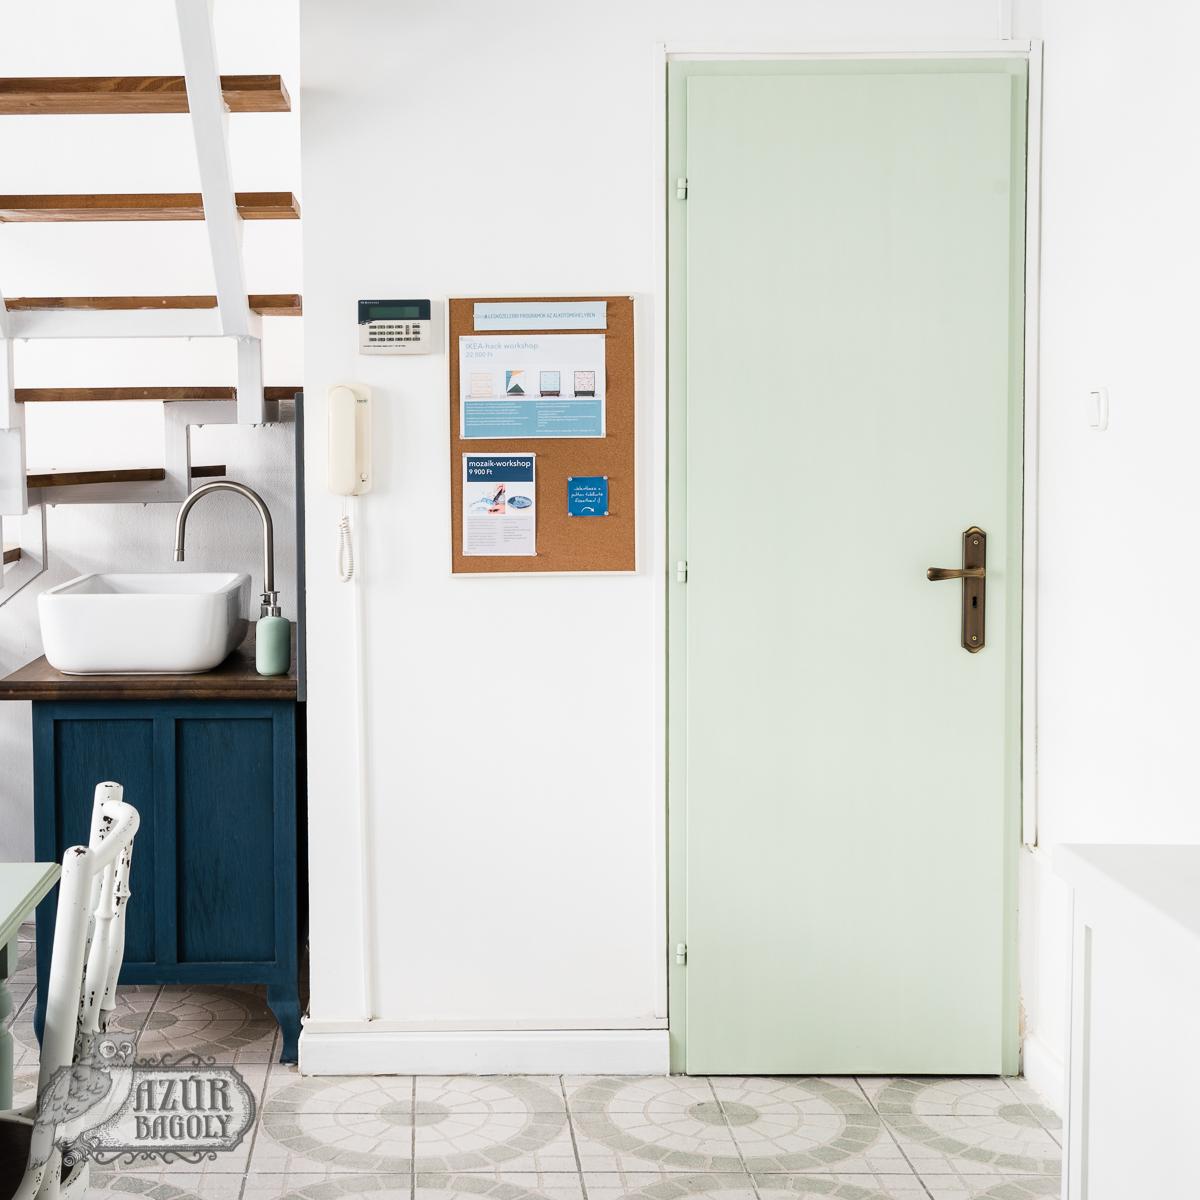 ajtófestés – ilyen lett – útmutató – ajtófelújítás házilag – hasznos tippek – Azúr Bagoly Tejfesték